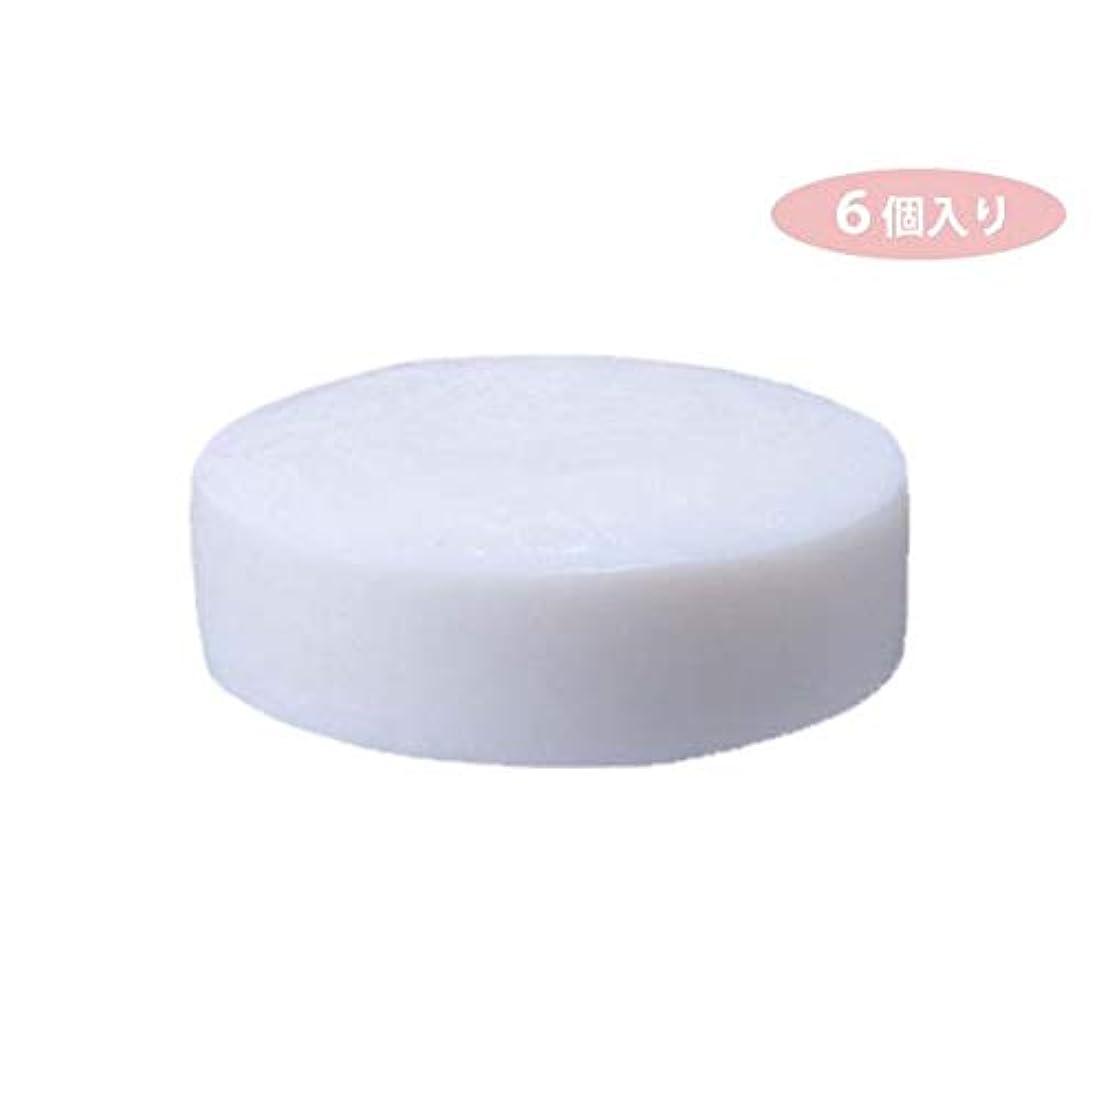 記録ごみ独立したCBH-S 6個入り 敏感なお肌のための化粧石鹸